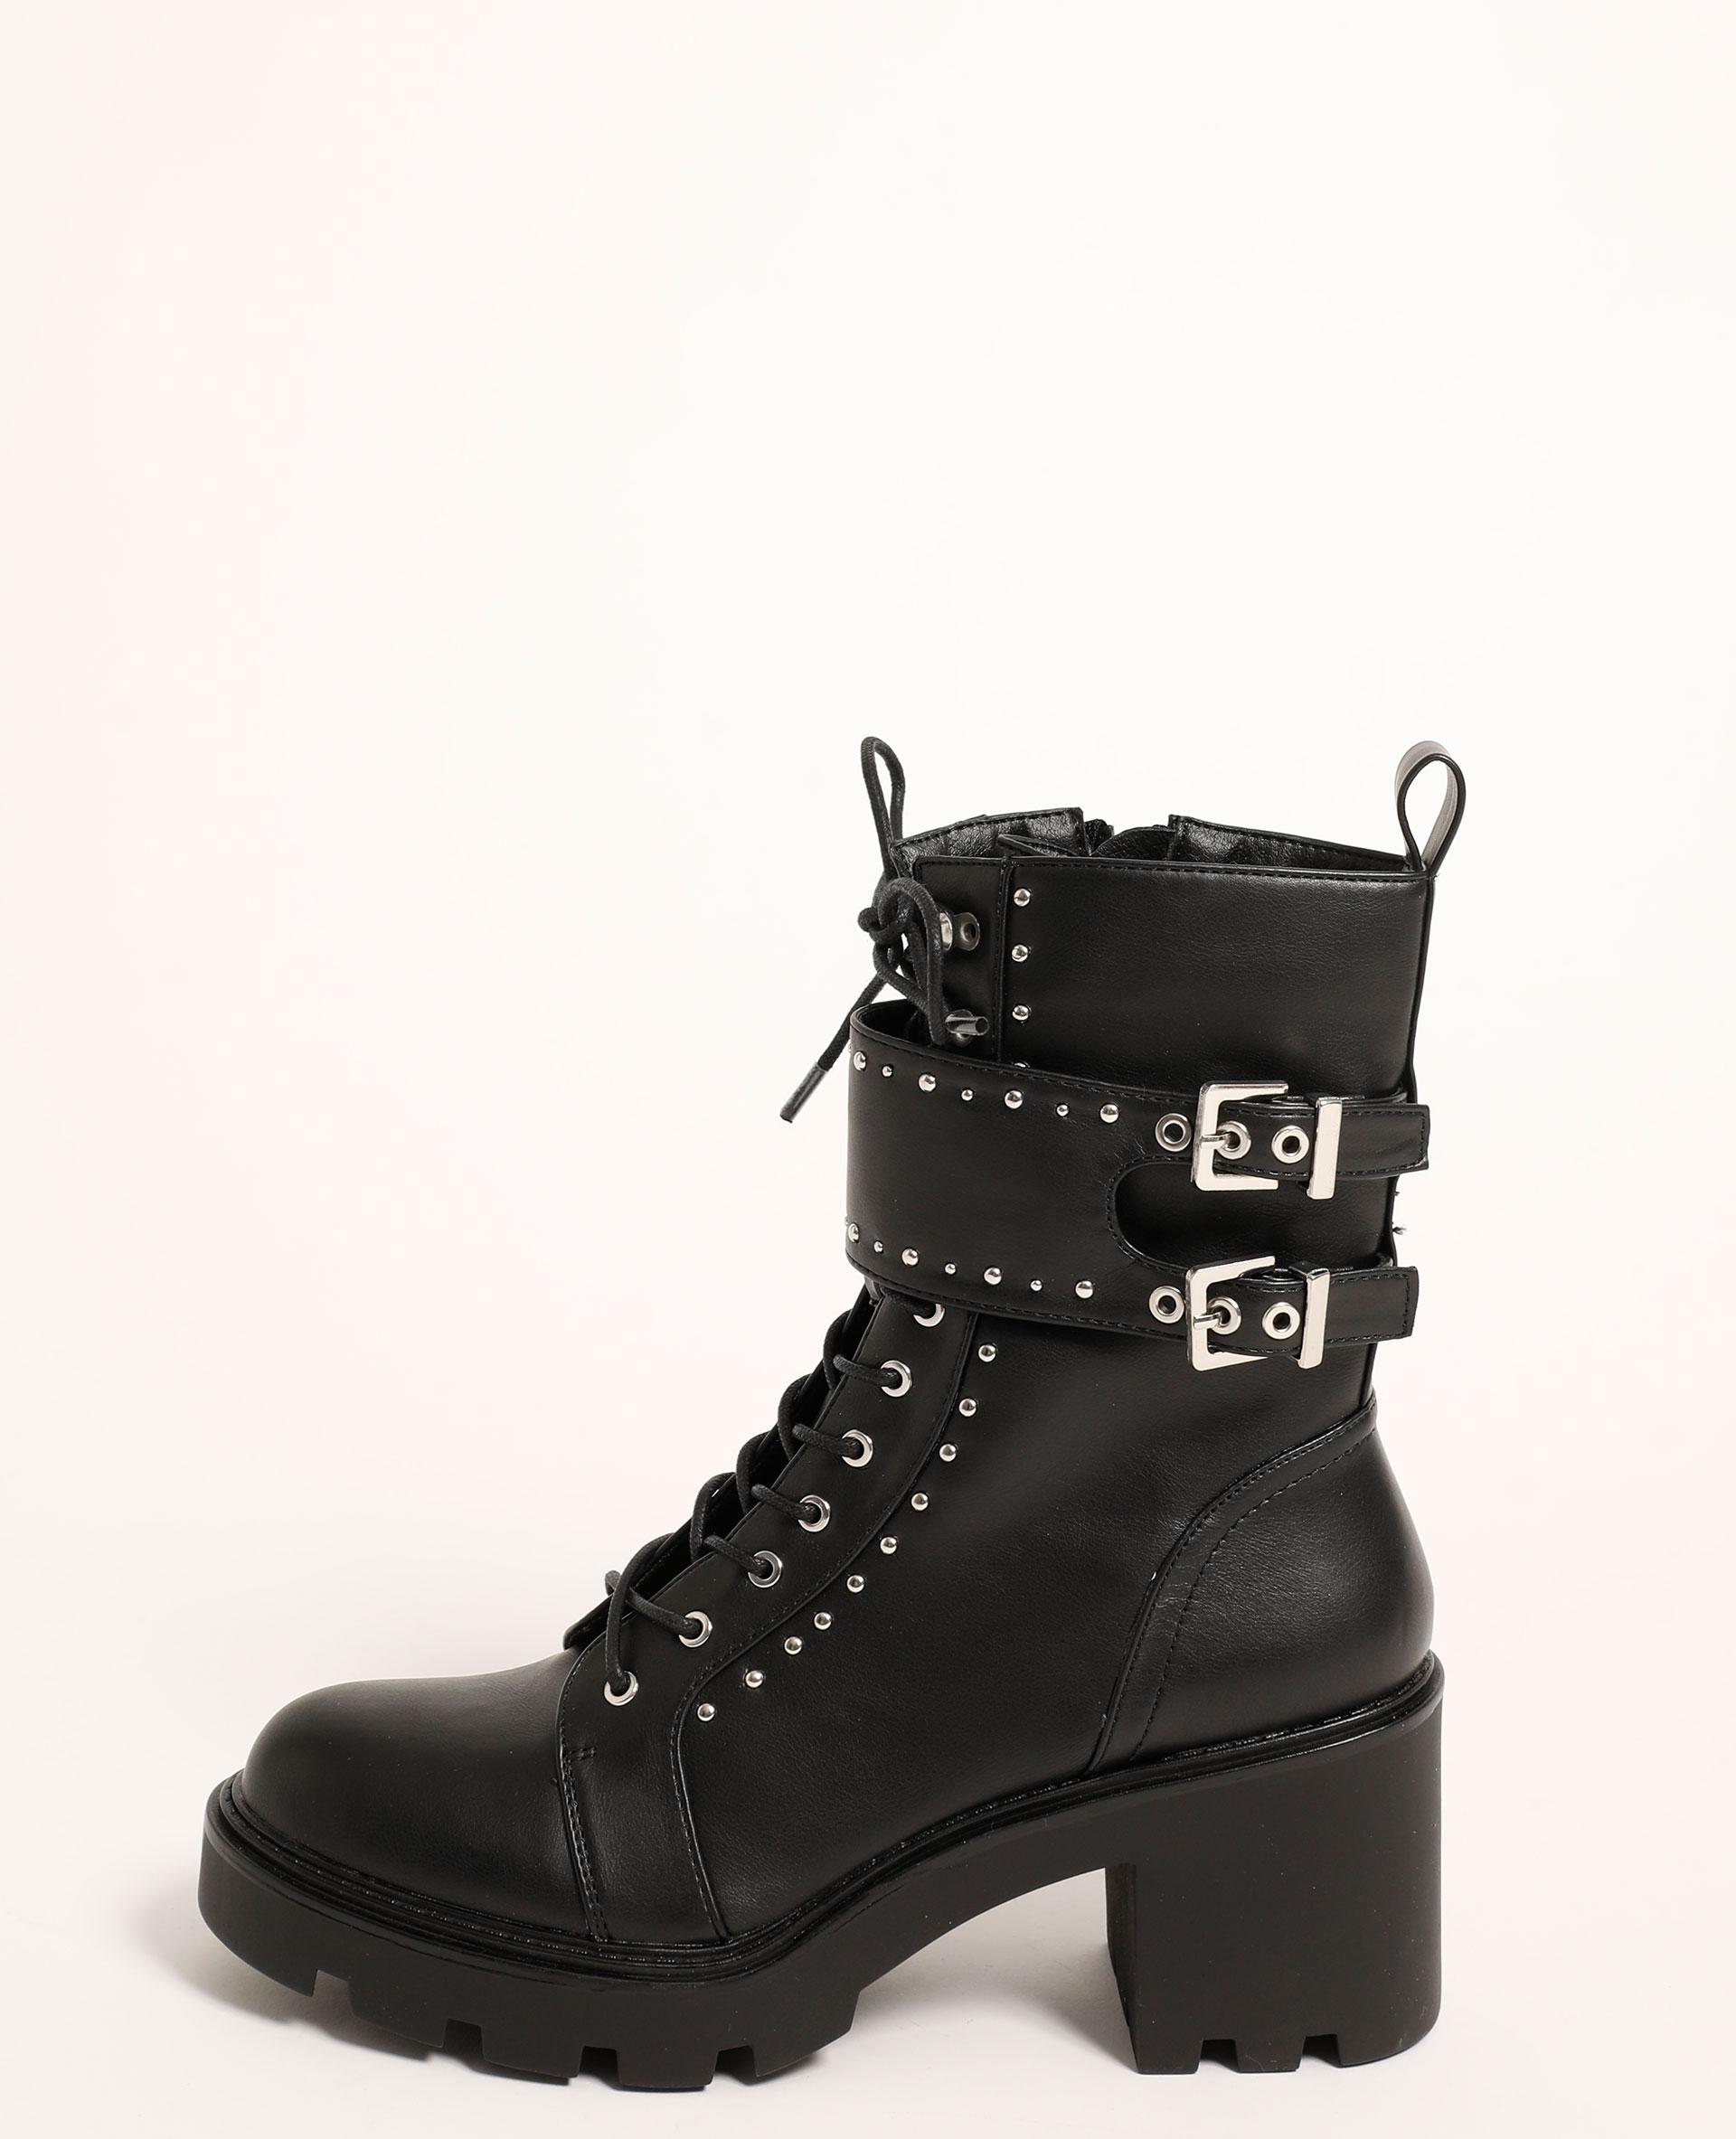 Boots à talons cloutées noir - Pimkie